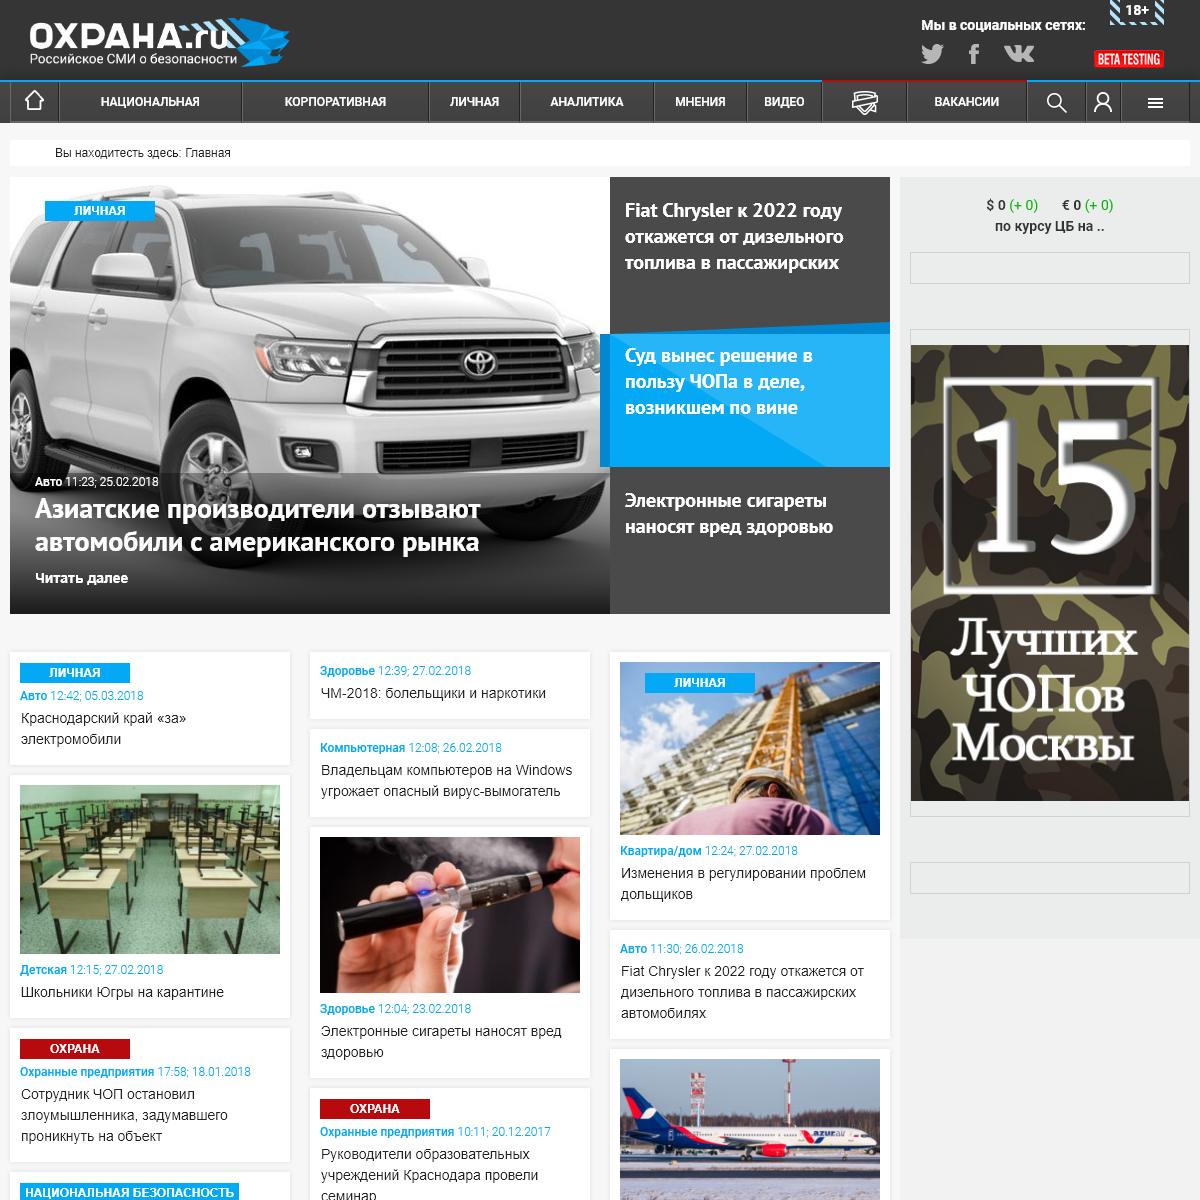 Российское СМИ о безопасности - oxpaha.ru - охрана